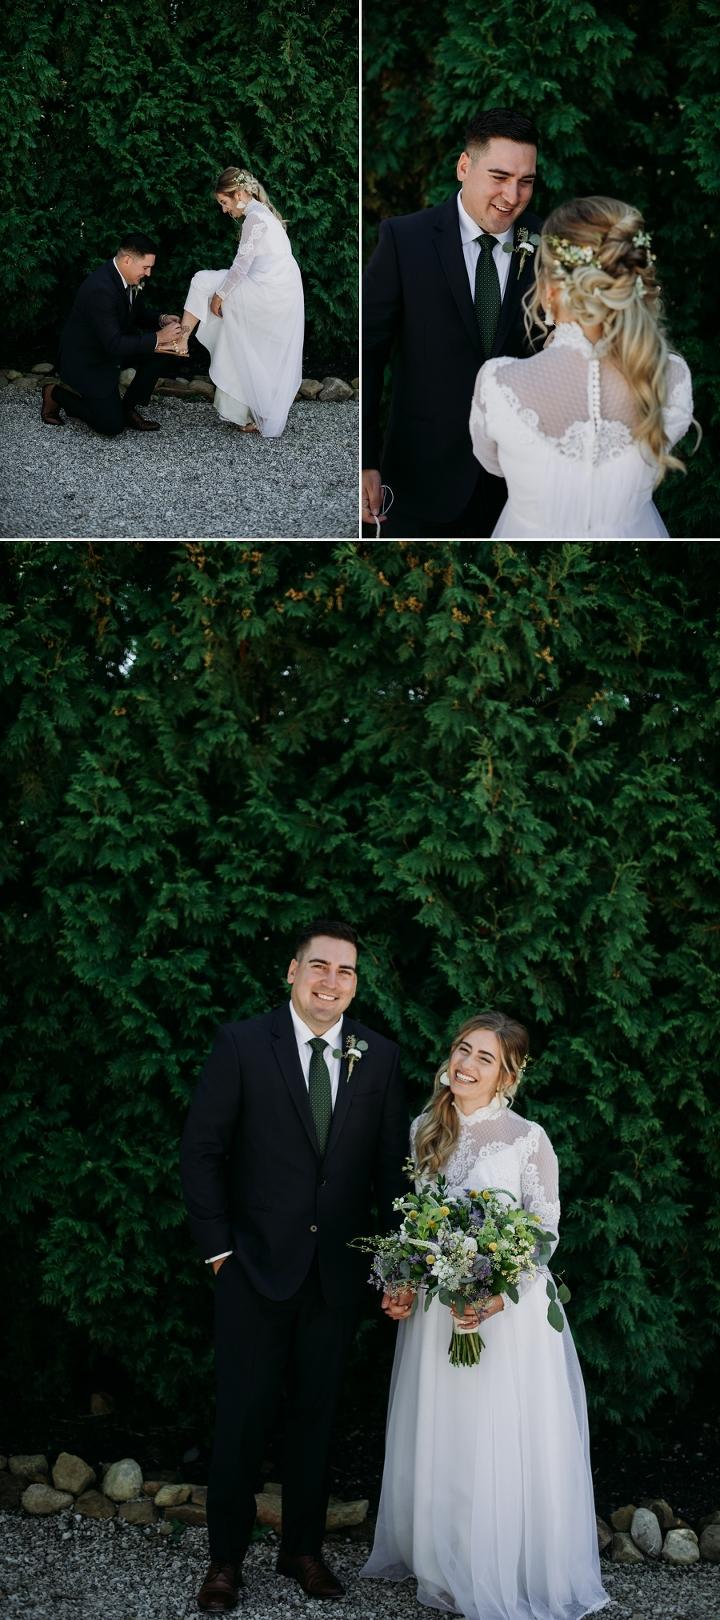 Kelsey + Seth Married 9